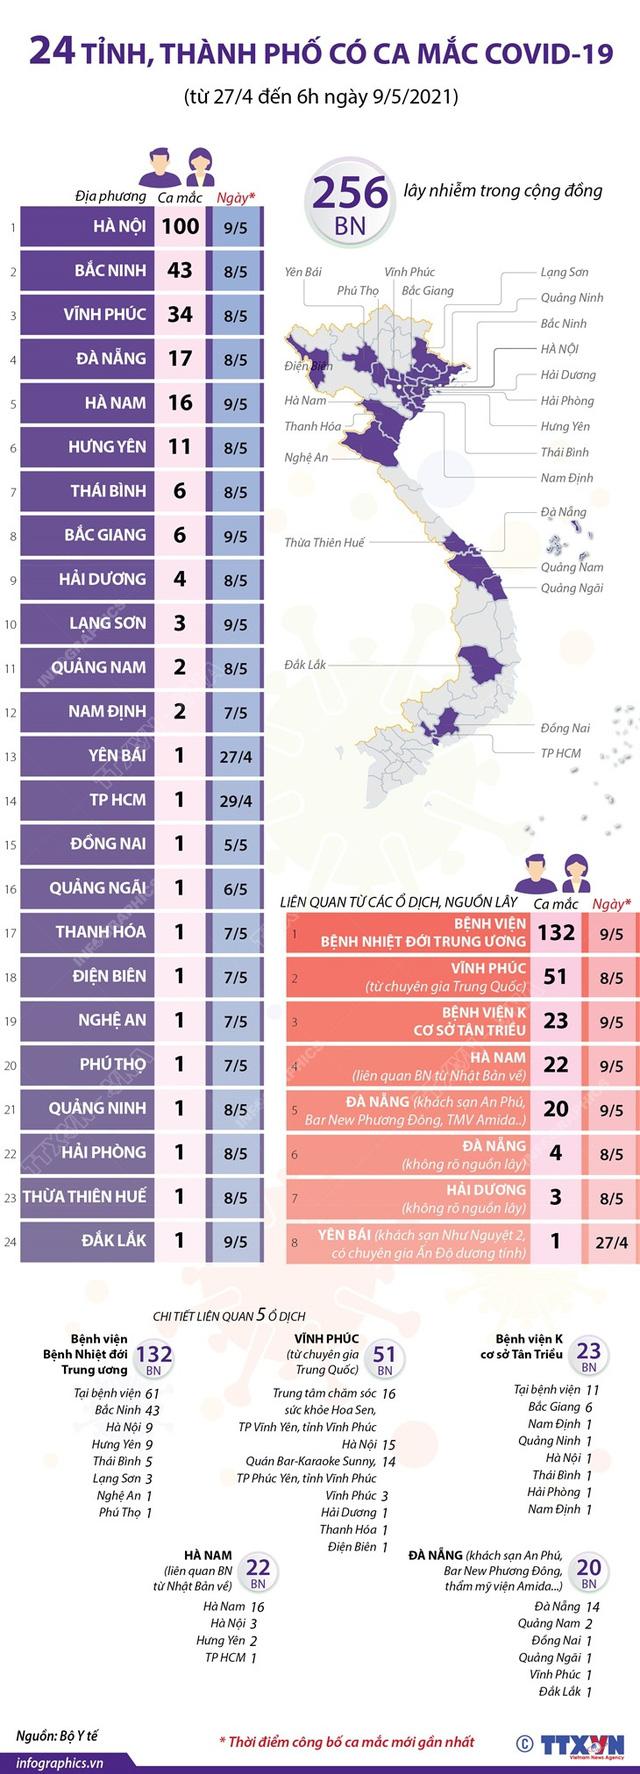 [INFOGRAPHIC] 24 tỉnh, thành phố có ca mắc COVID-19 trong cộng đồng - Ảnh 1.